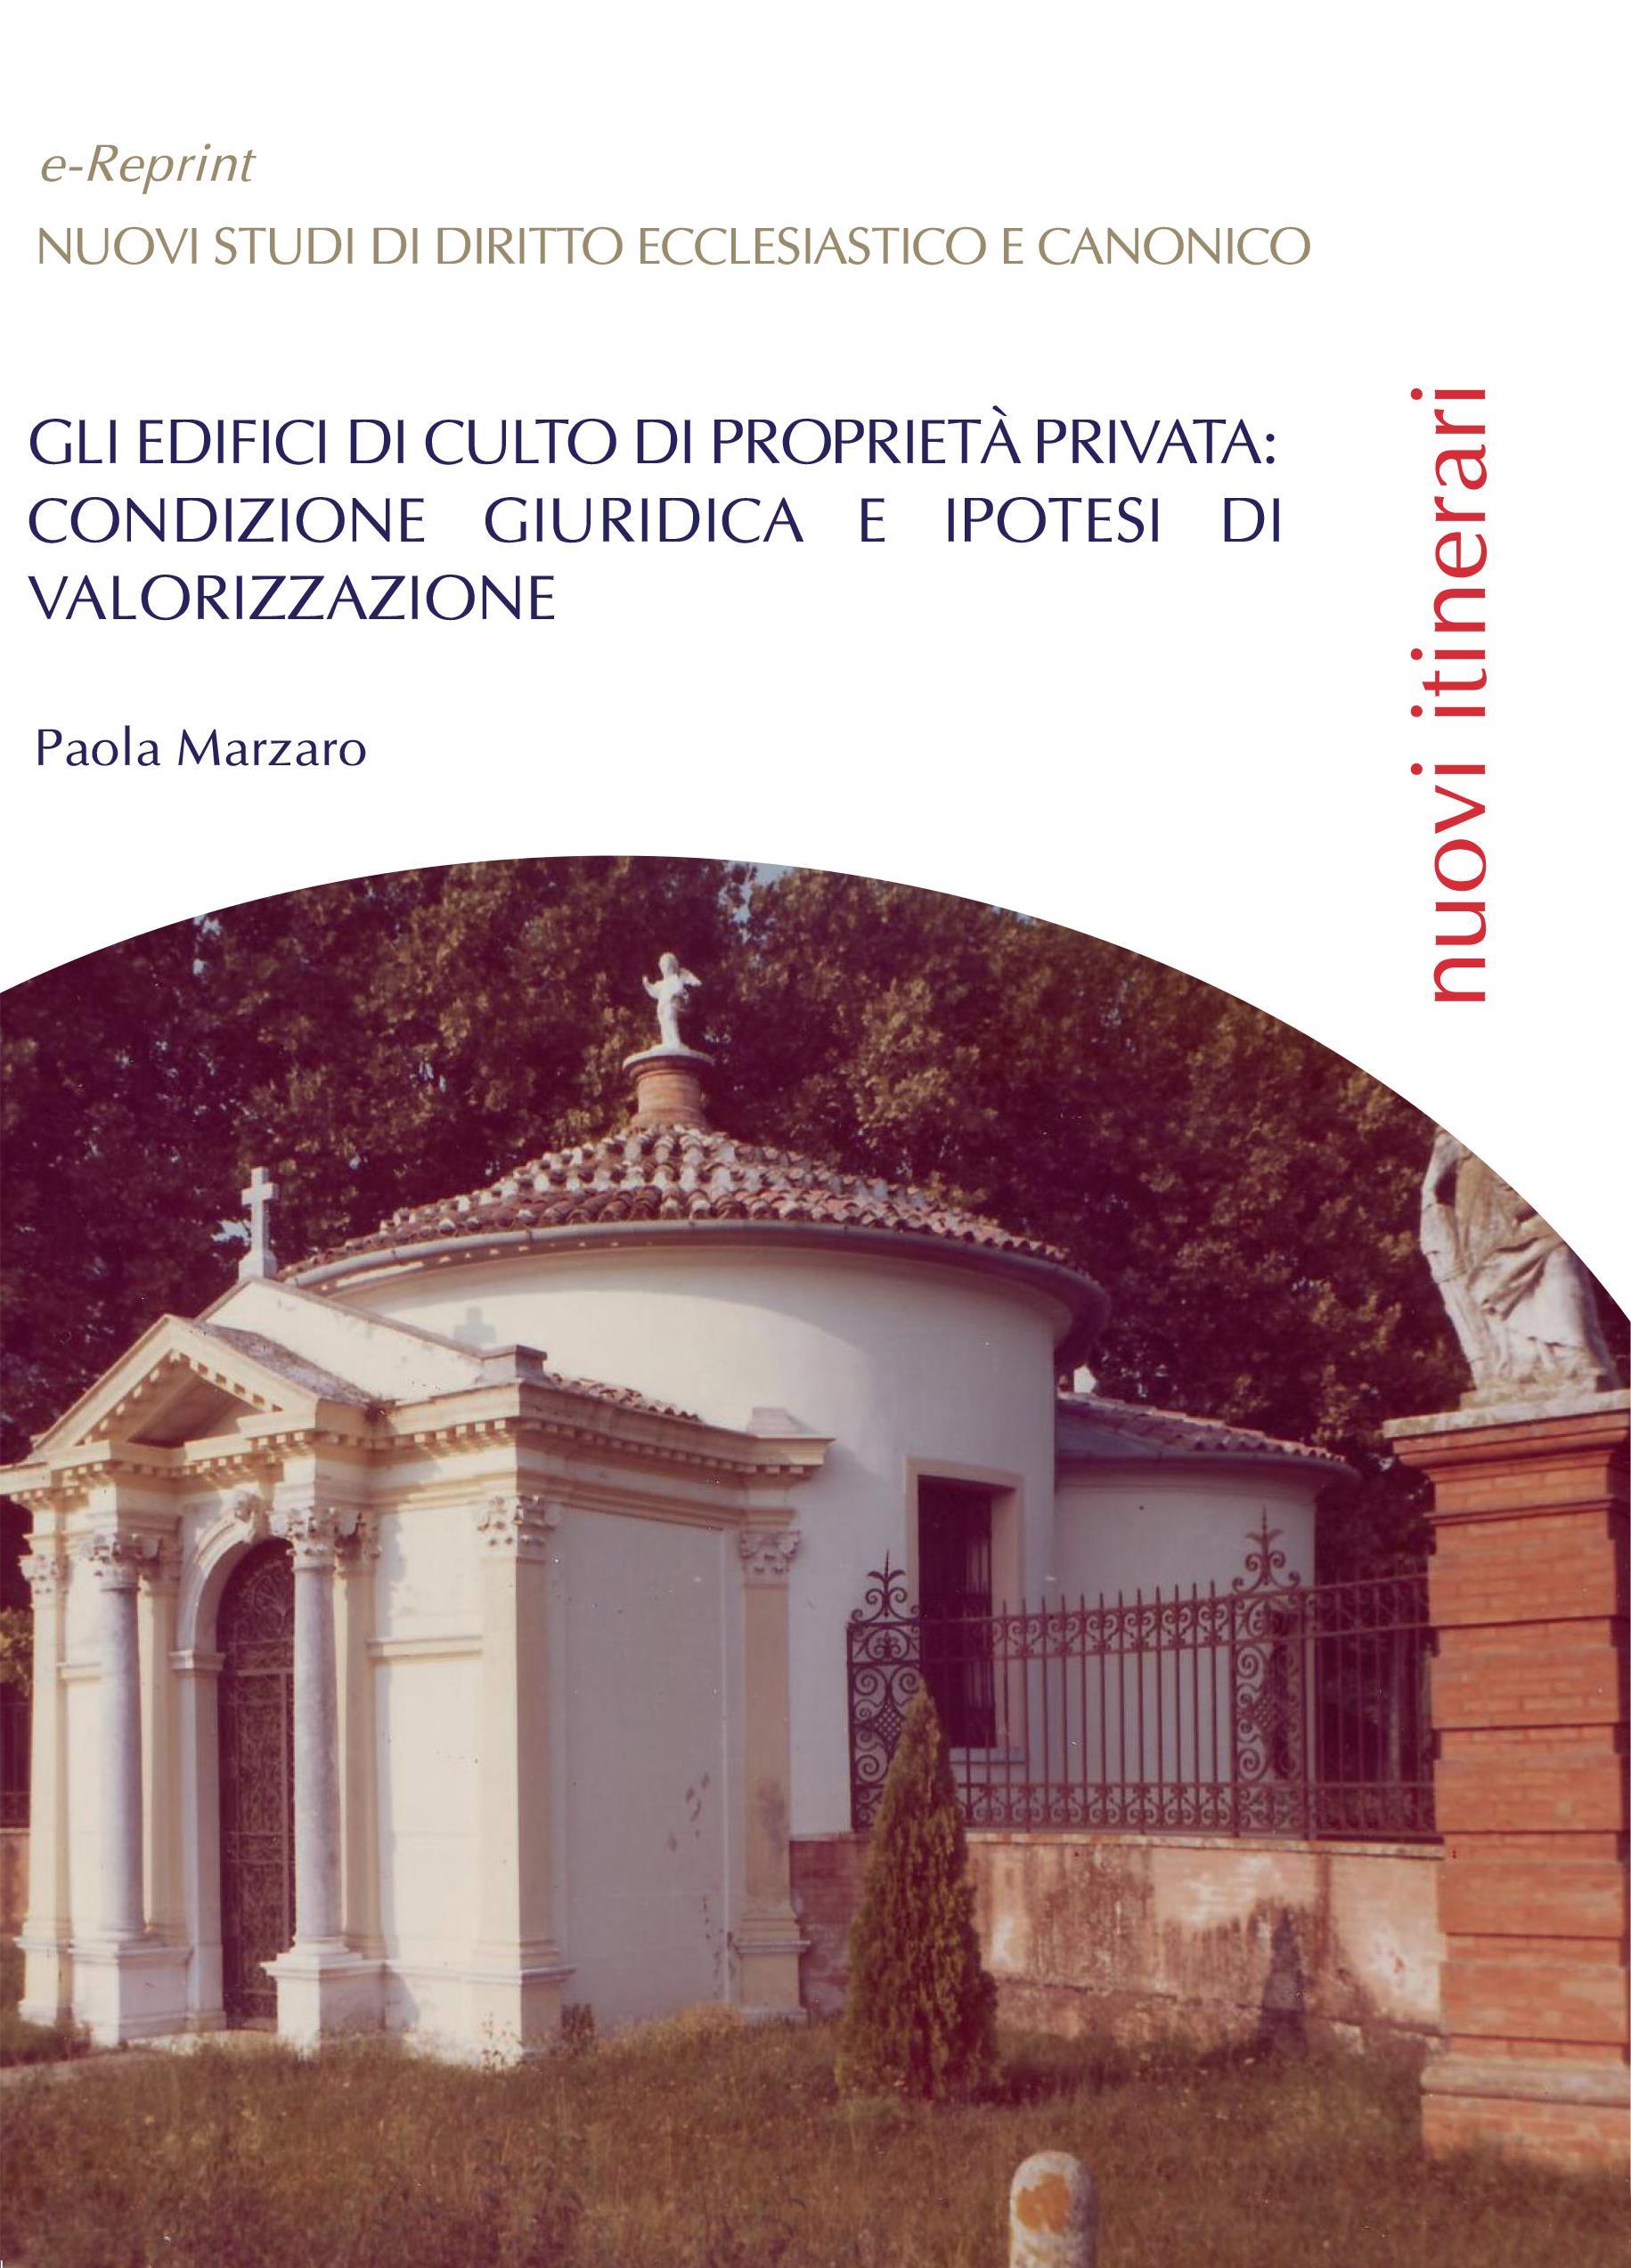 Gli edifici di culto di proprietà privata: condizione giuridica e ipotesi di valorizzazione